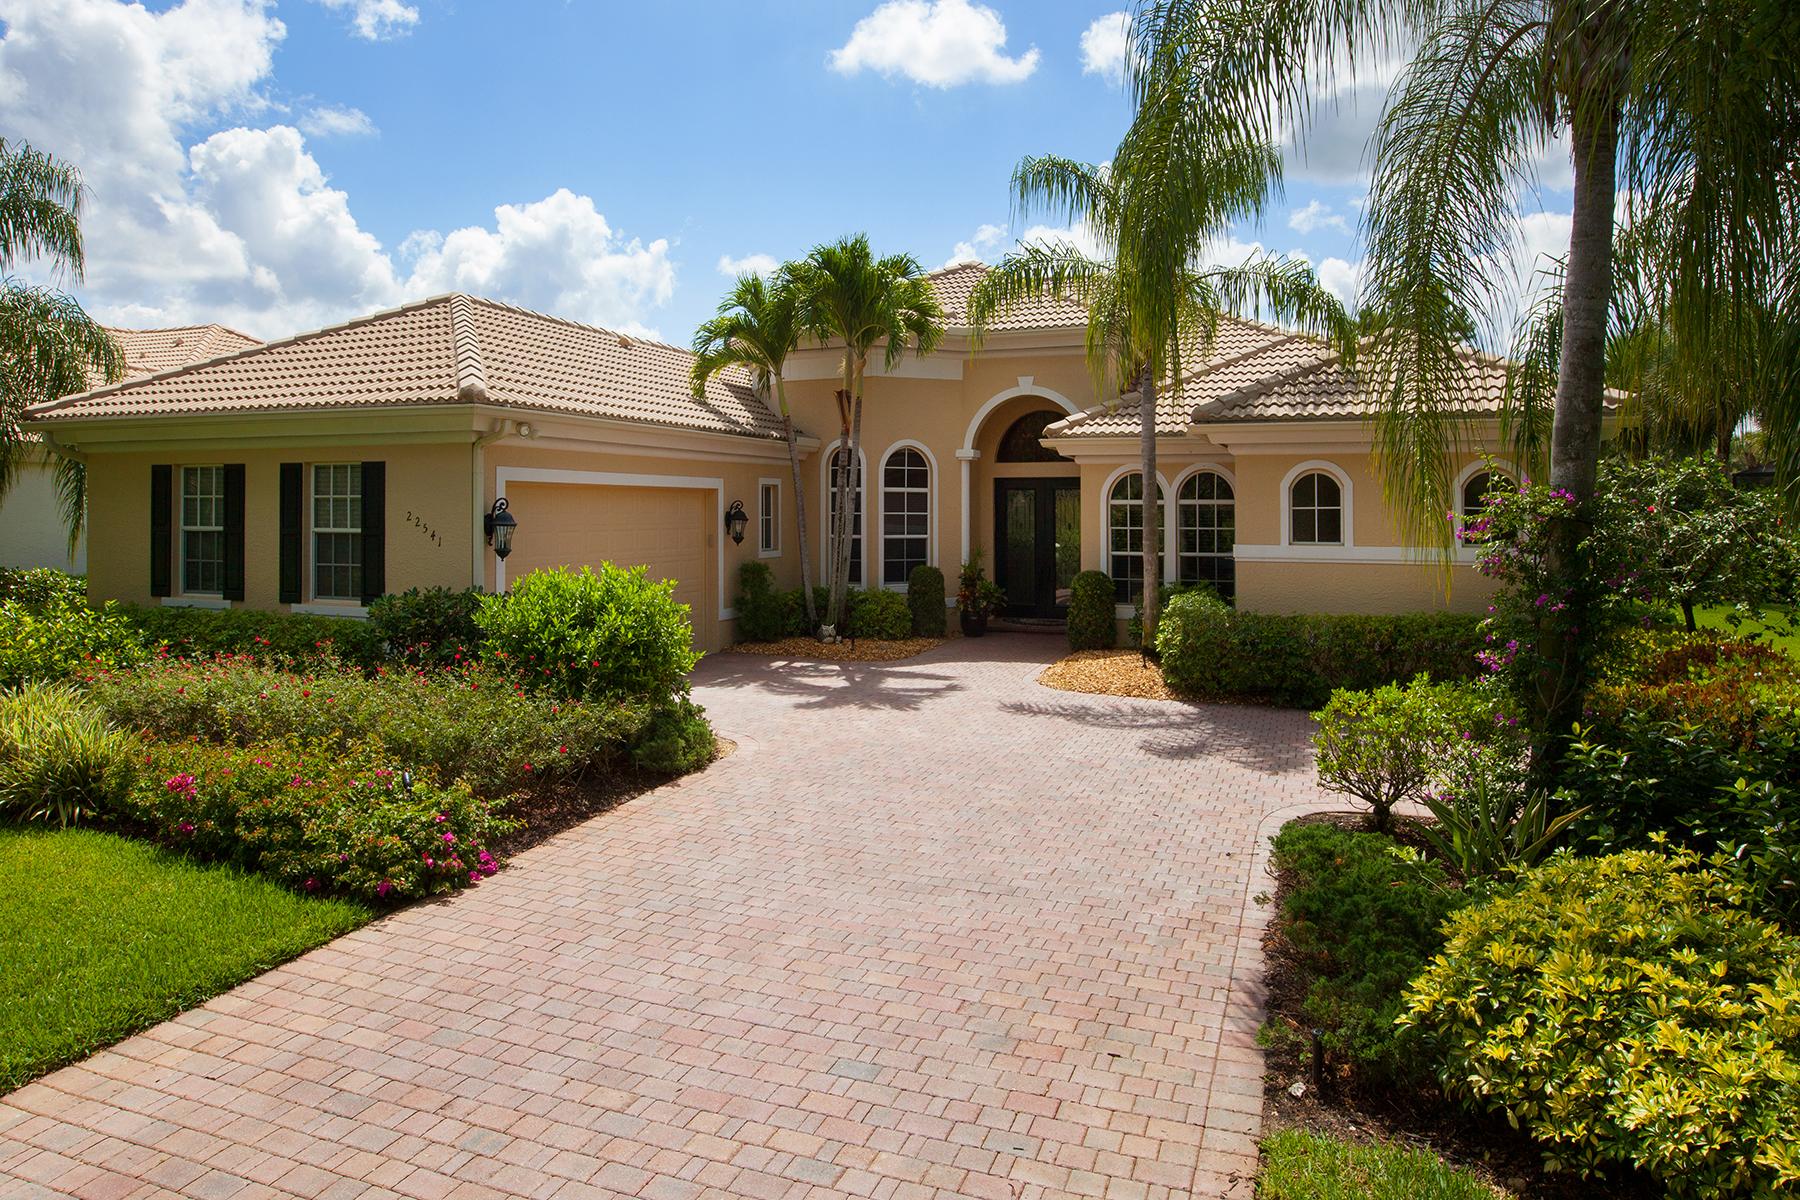 Casa para uma família para Venda às THE BROOKS - SHADOW WOOD - GLENVIEW 22541 Glenview Ln Bonita Springs, Florida, 34135 Estados Unidos